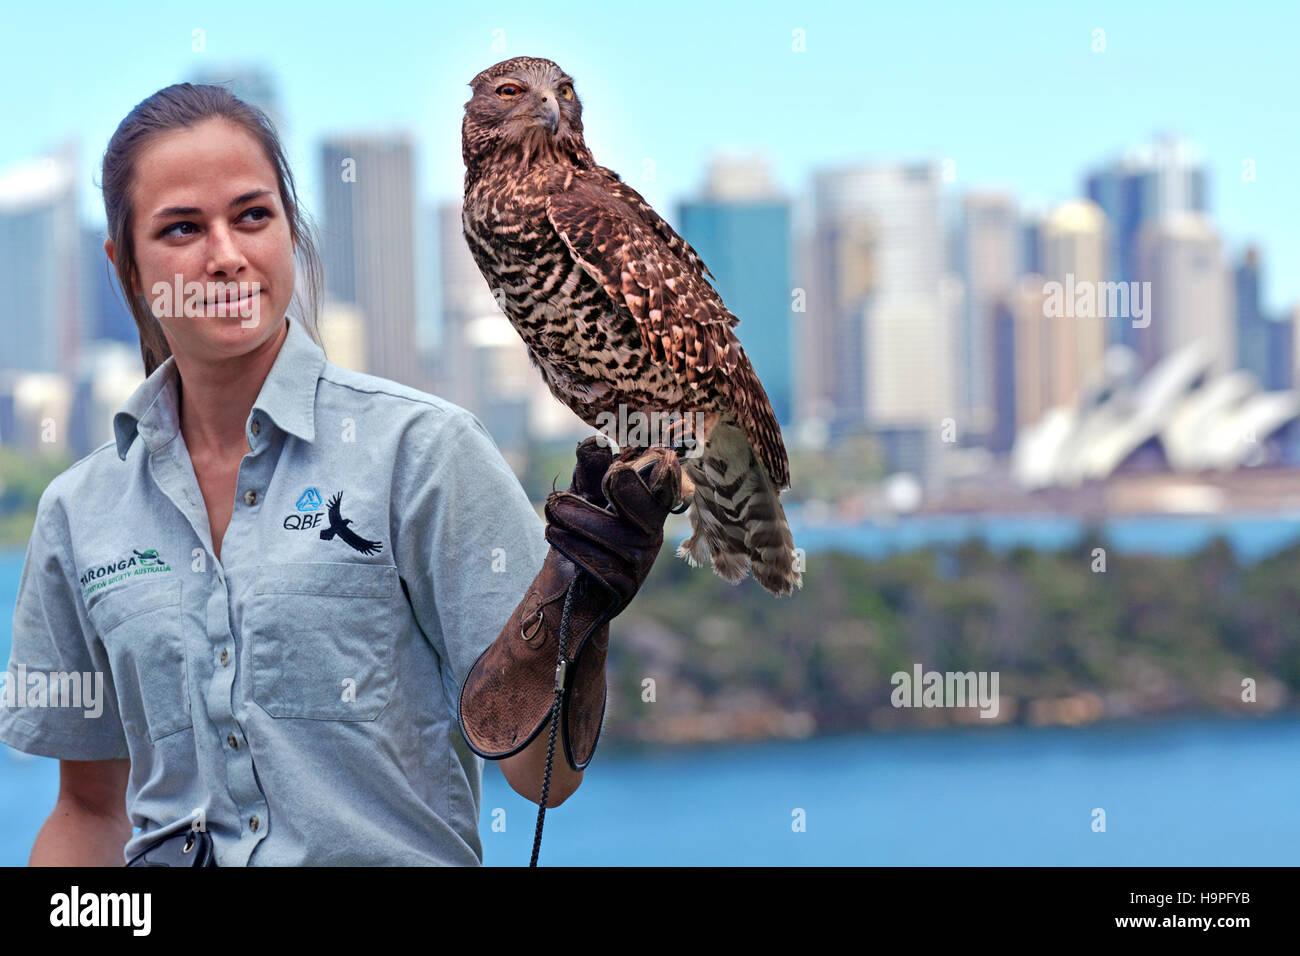 Falconry in australia